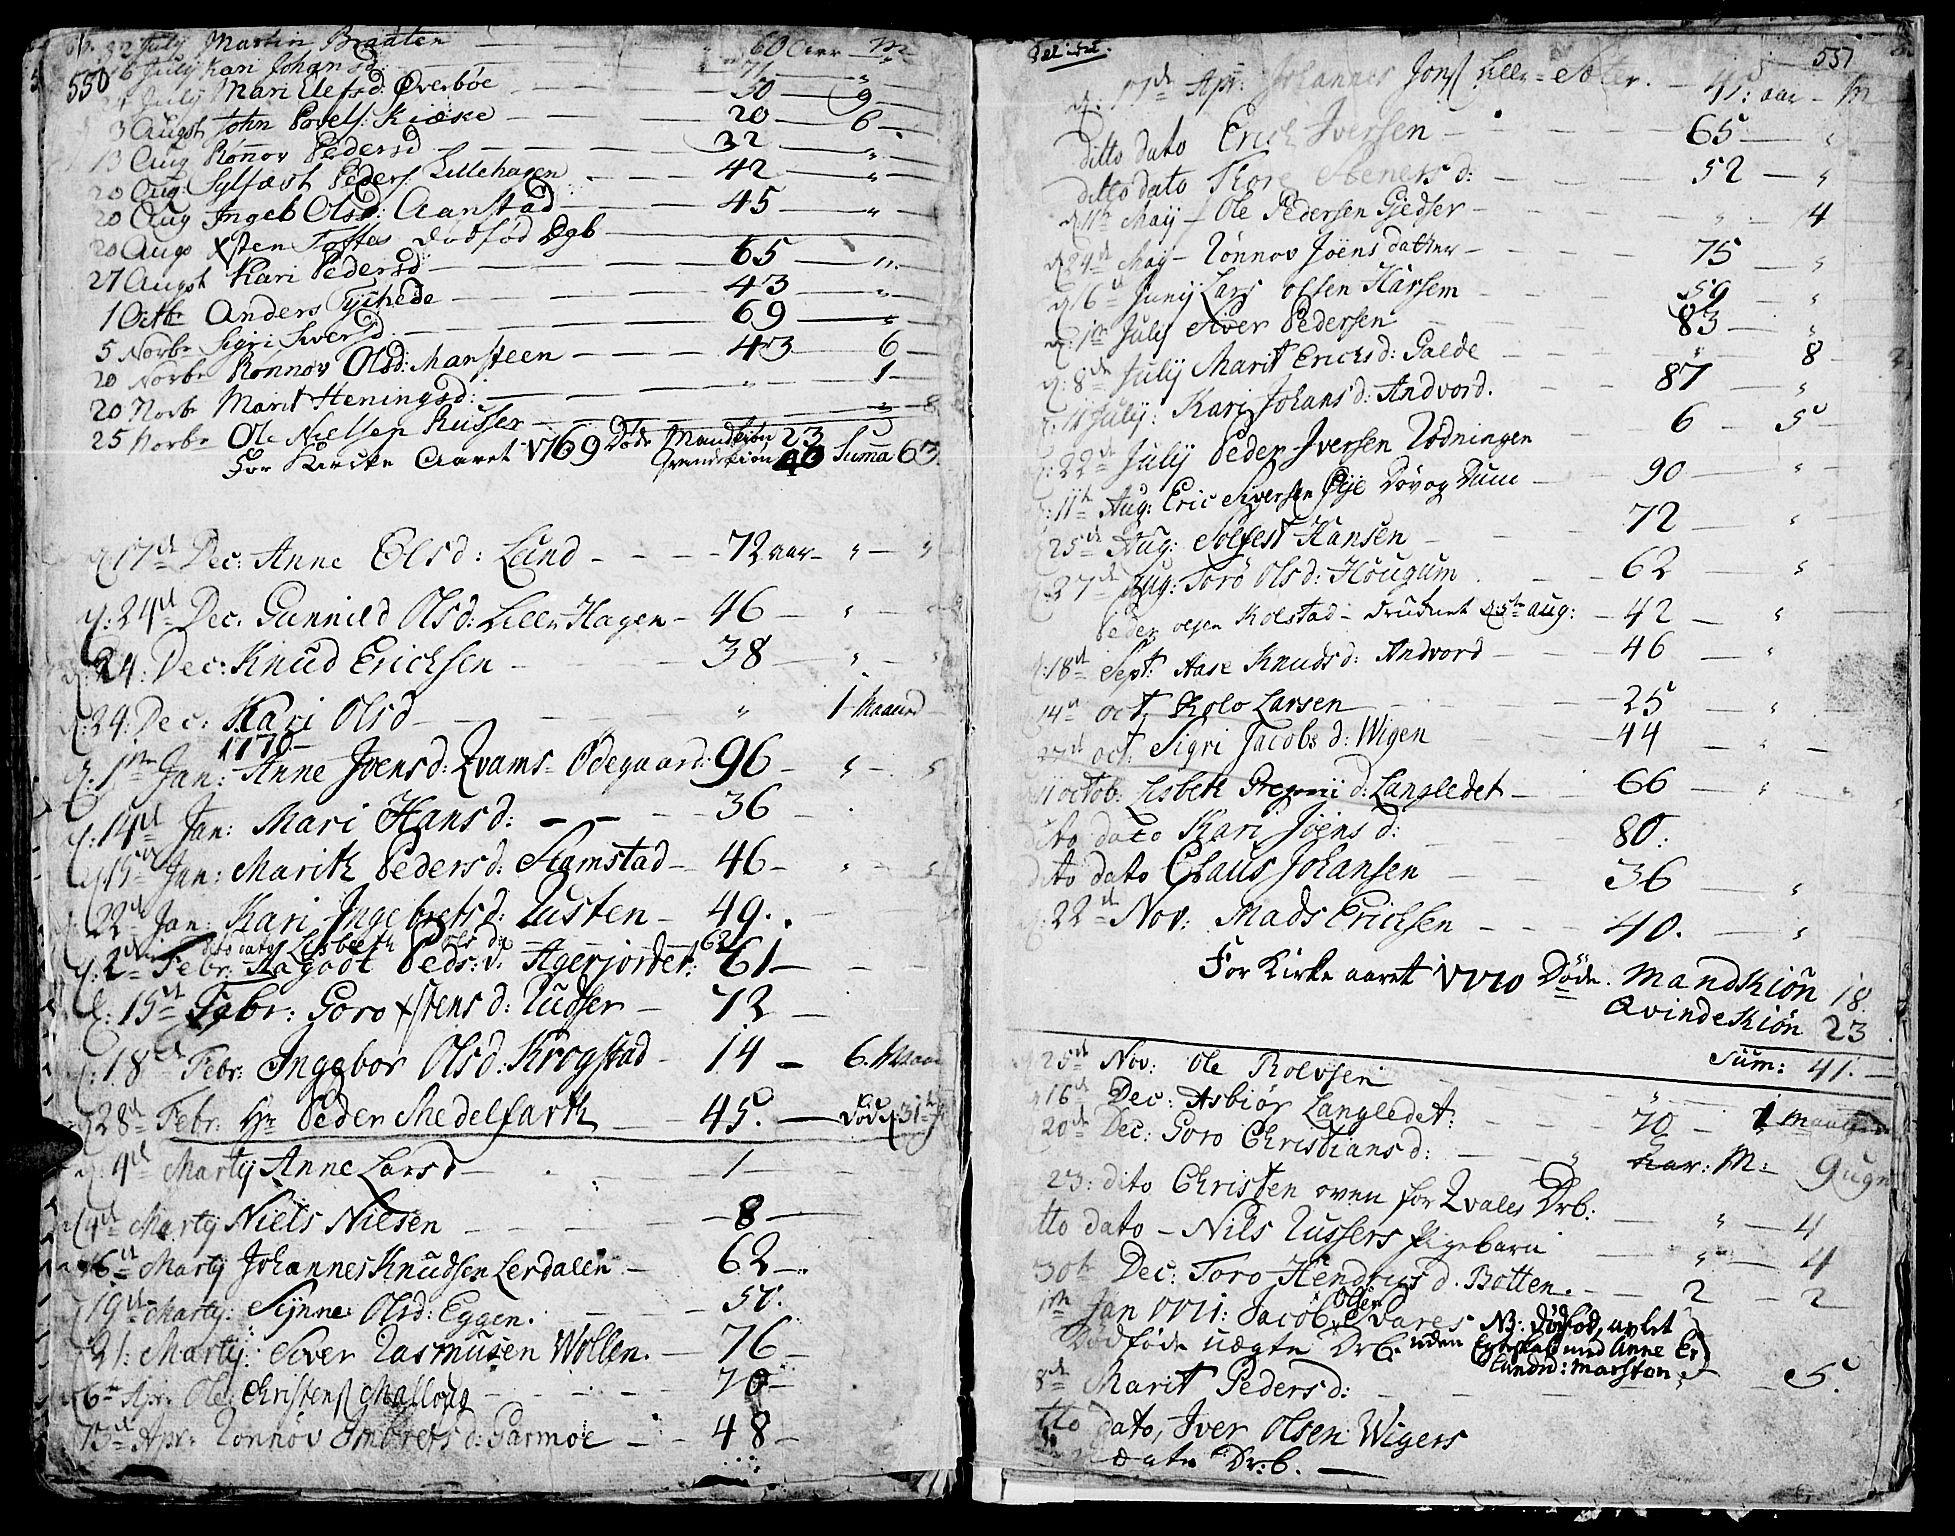 SAH, Lom prestekontor, K/L0002: Ministerialbok nr. 2, 1749-1801, s. 550-551